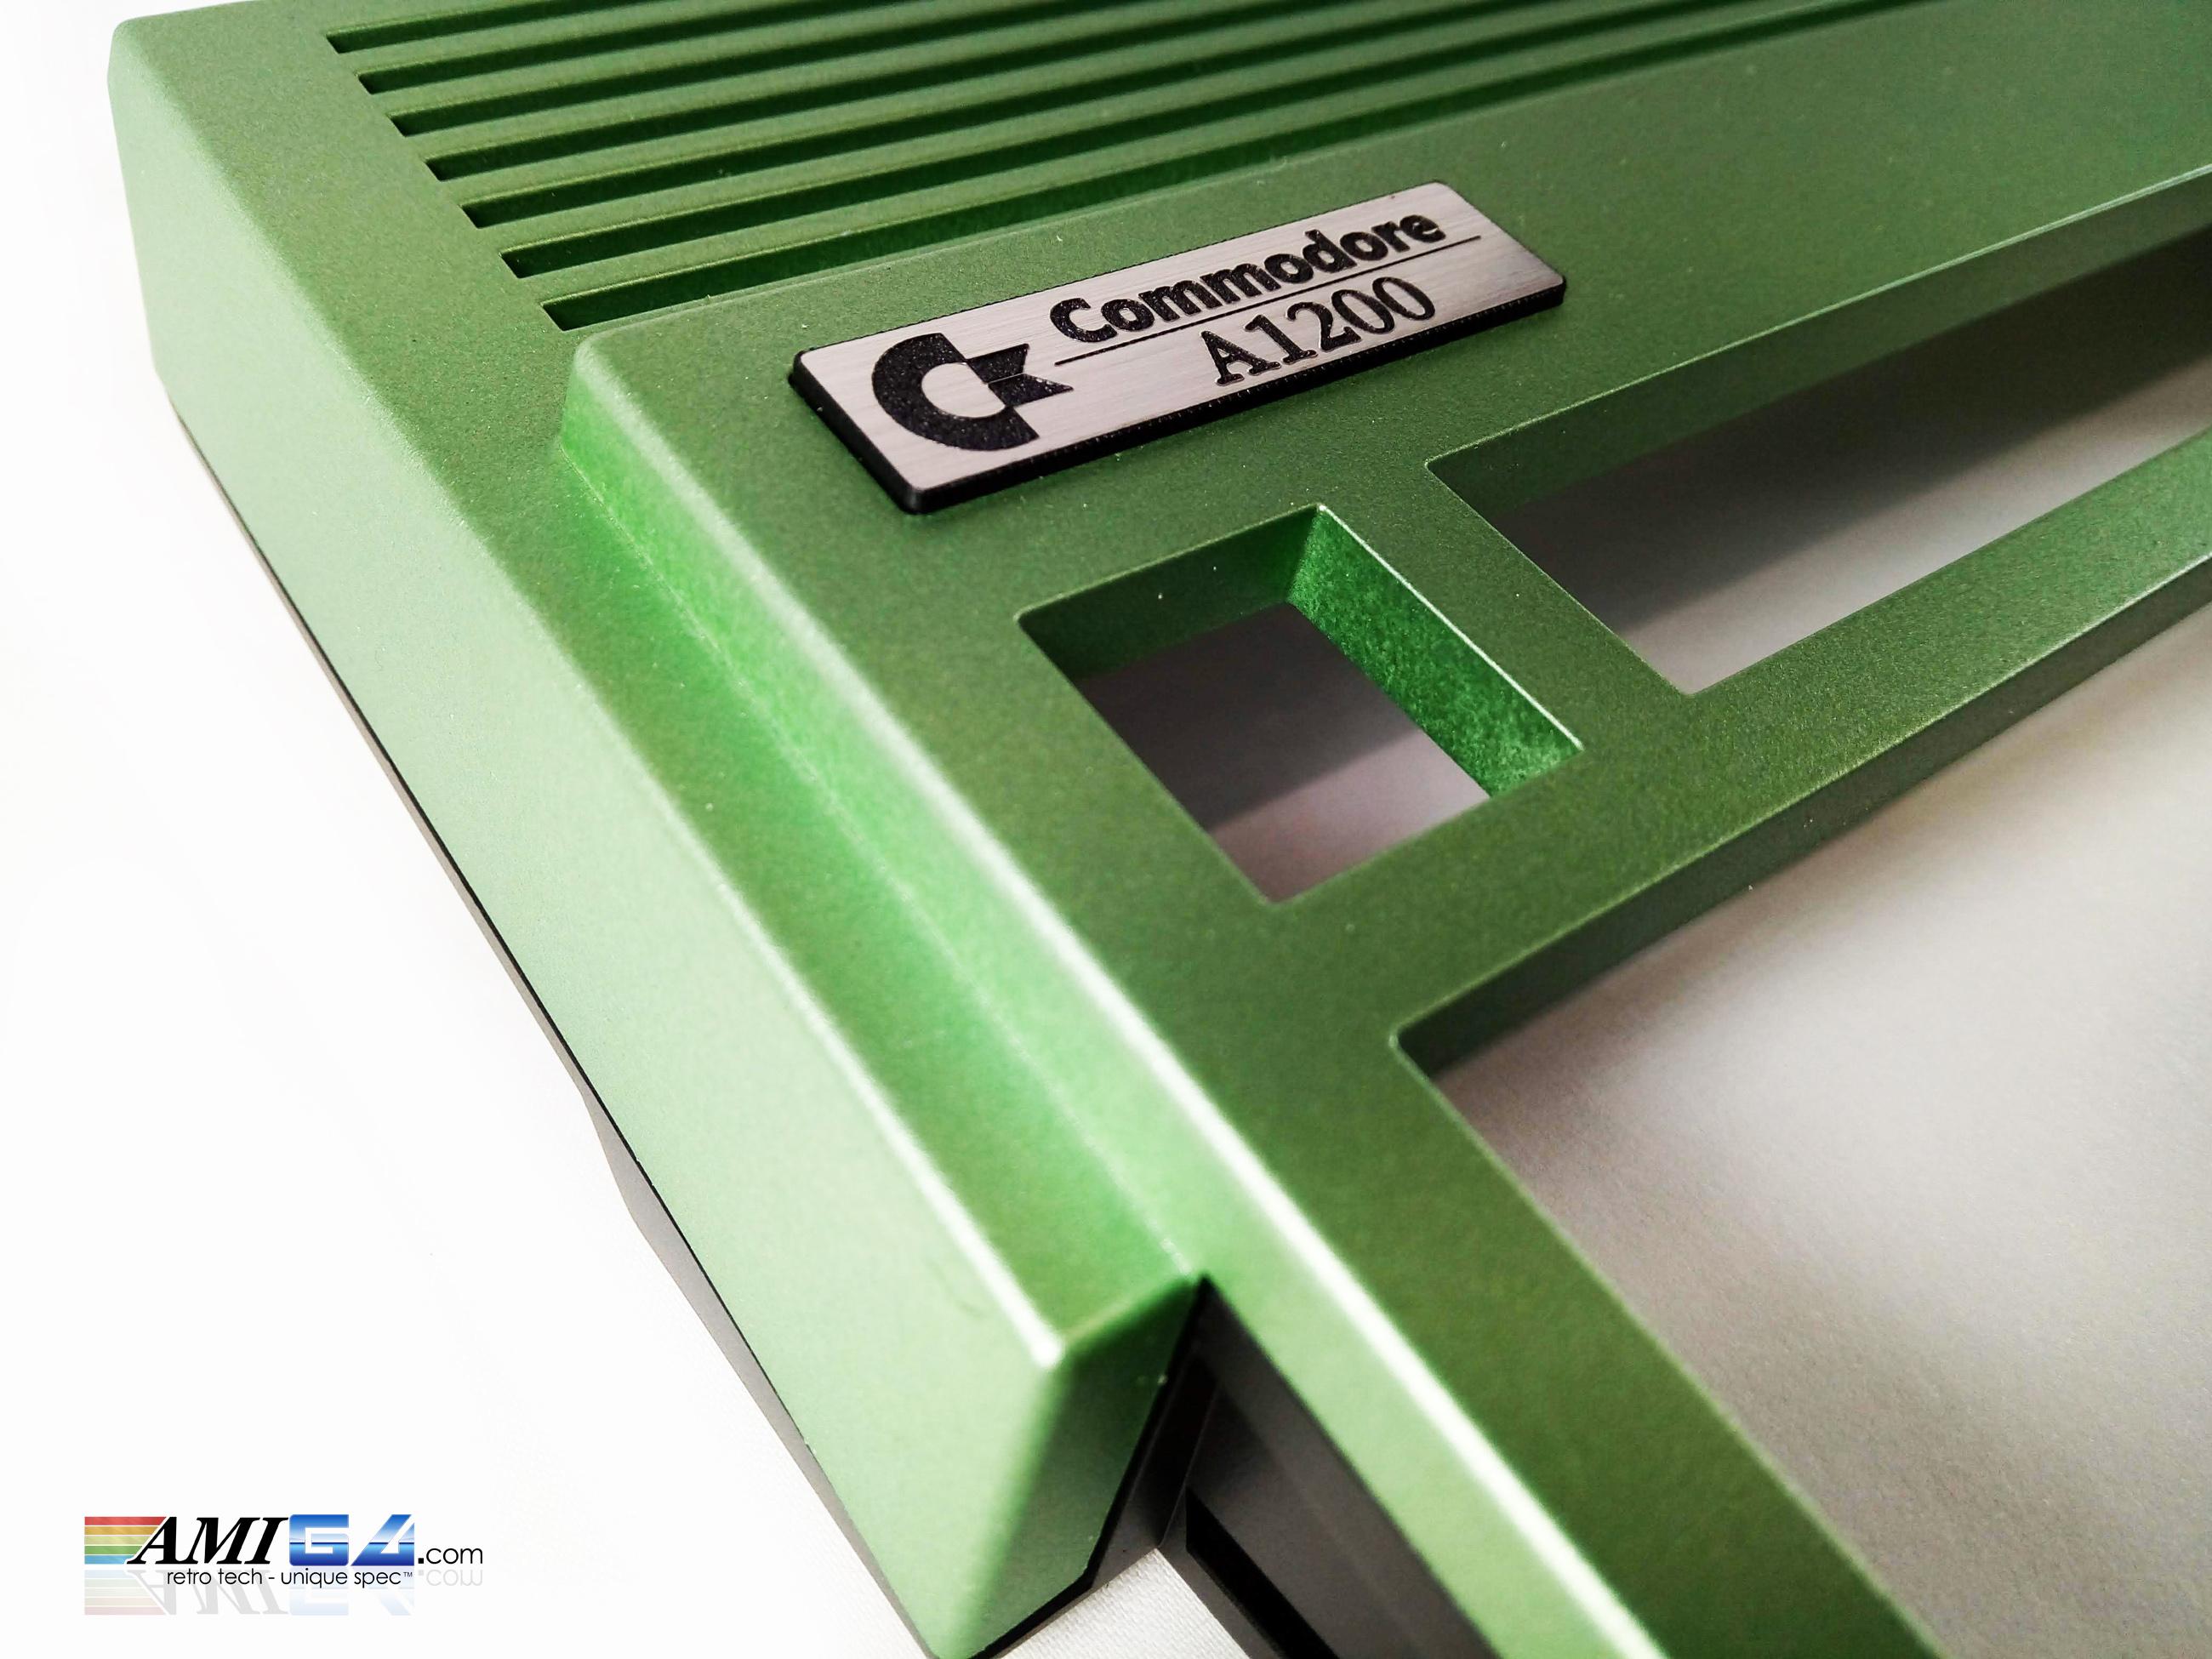 Green Amiga A1200